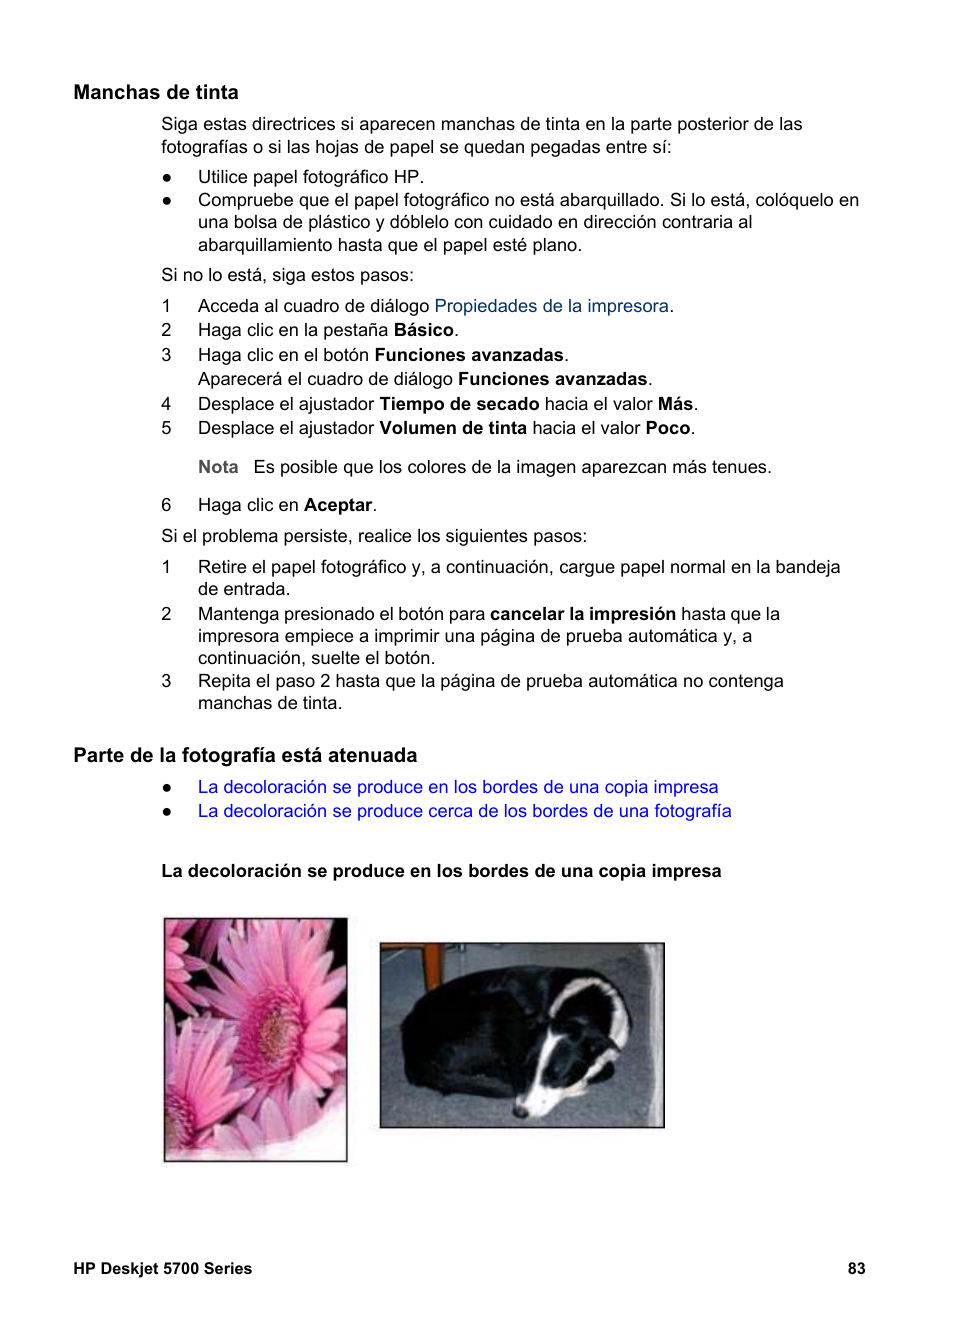 Excepcional Impresora De Página De Prueba De Color Foto - Dibujos ...